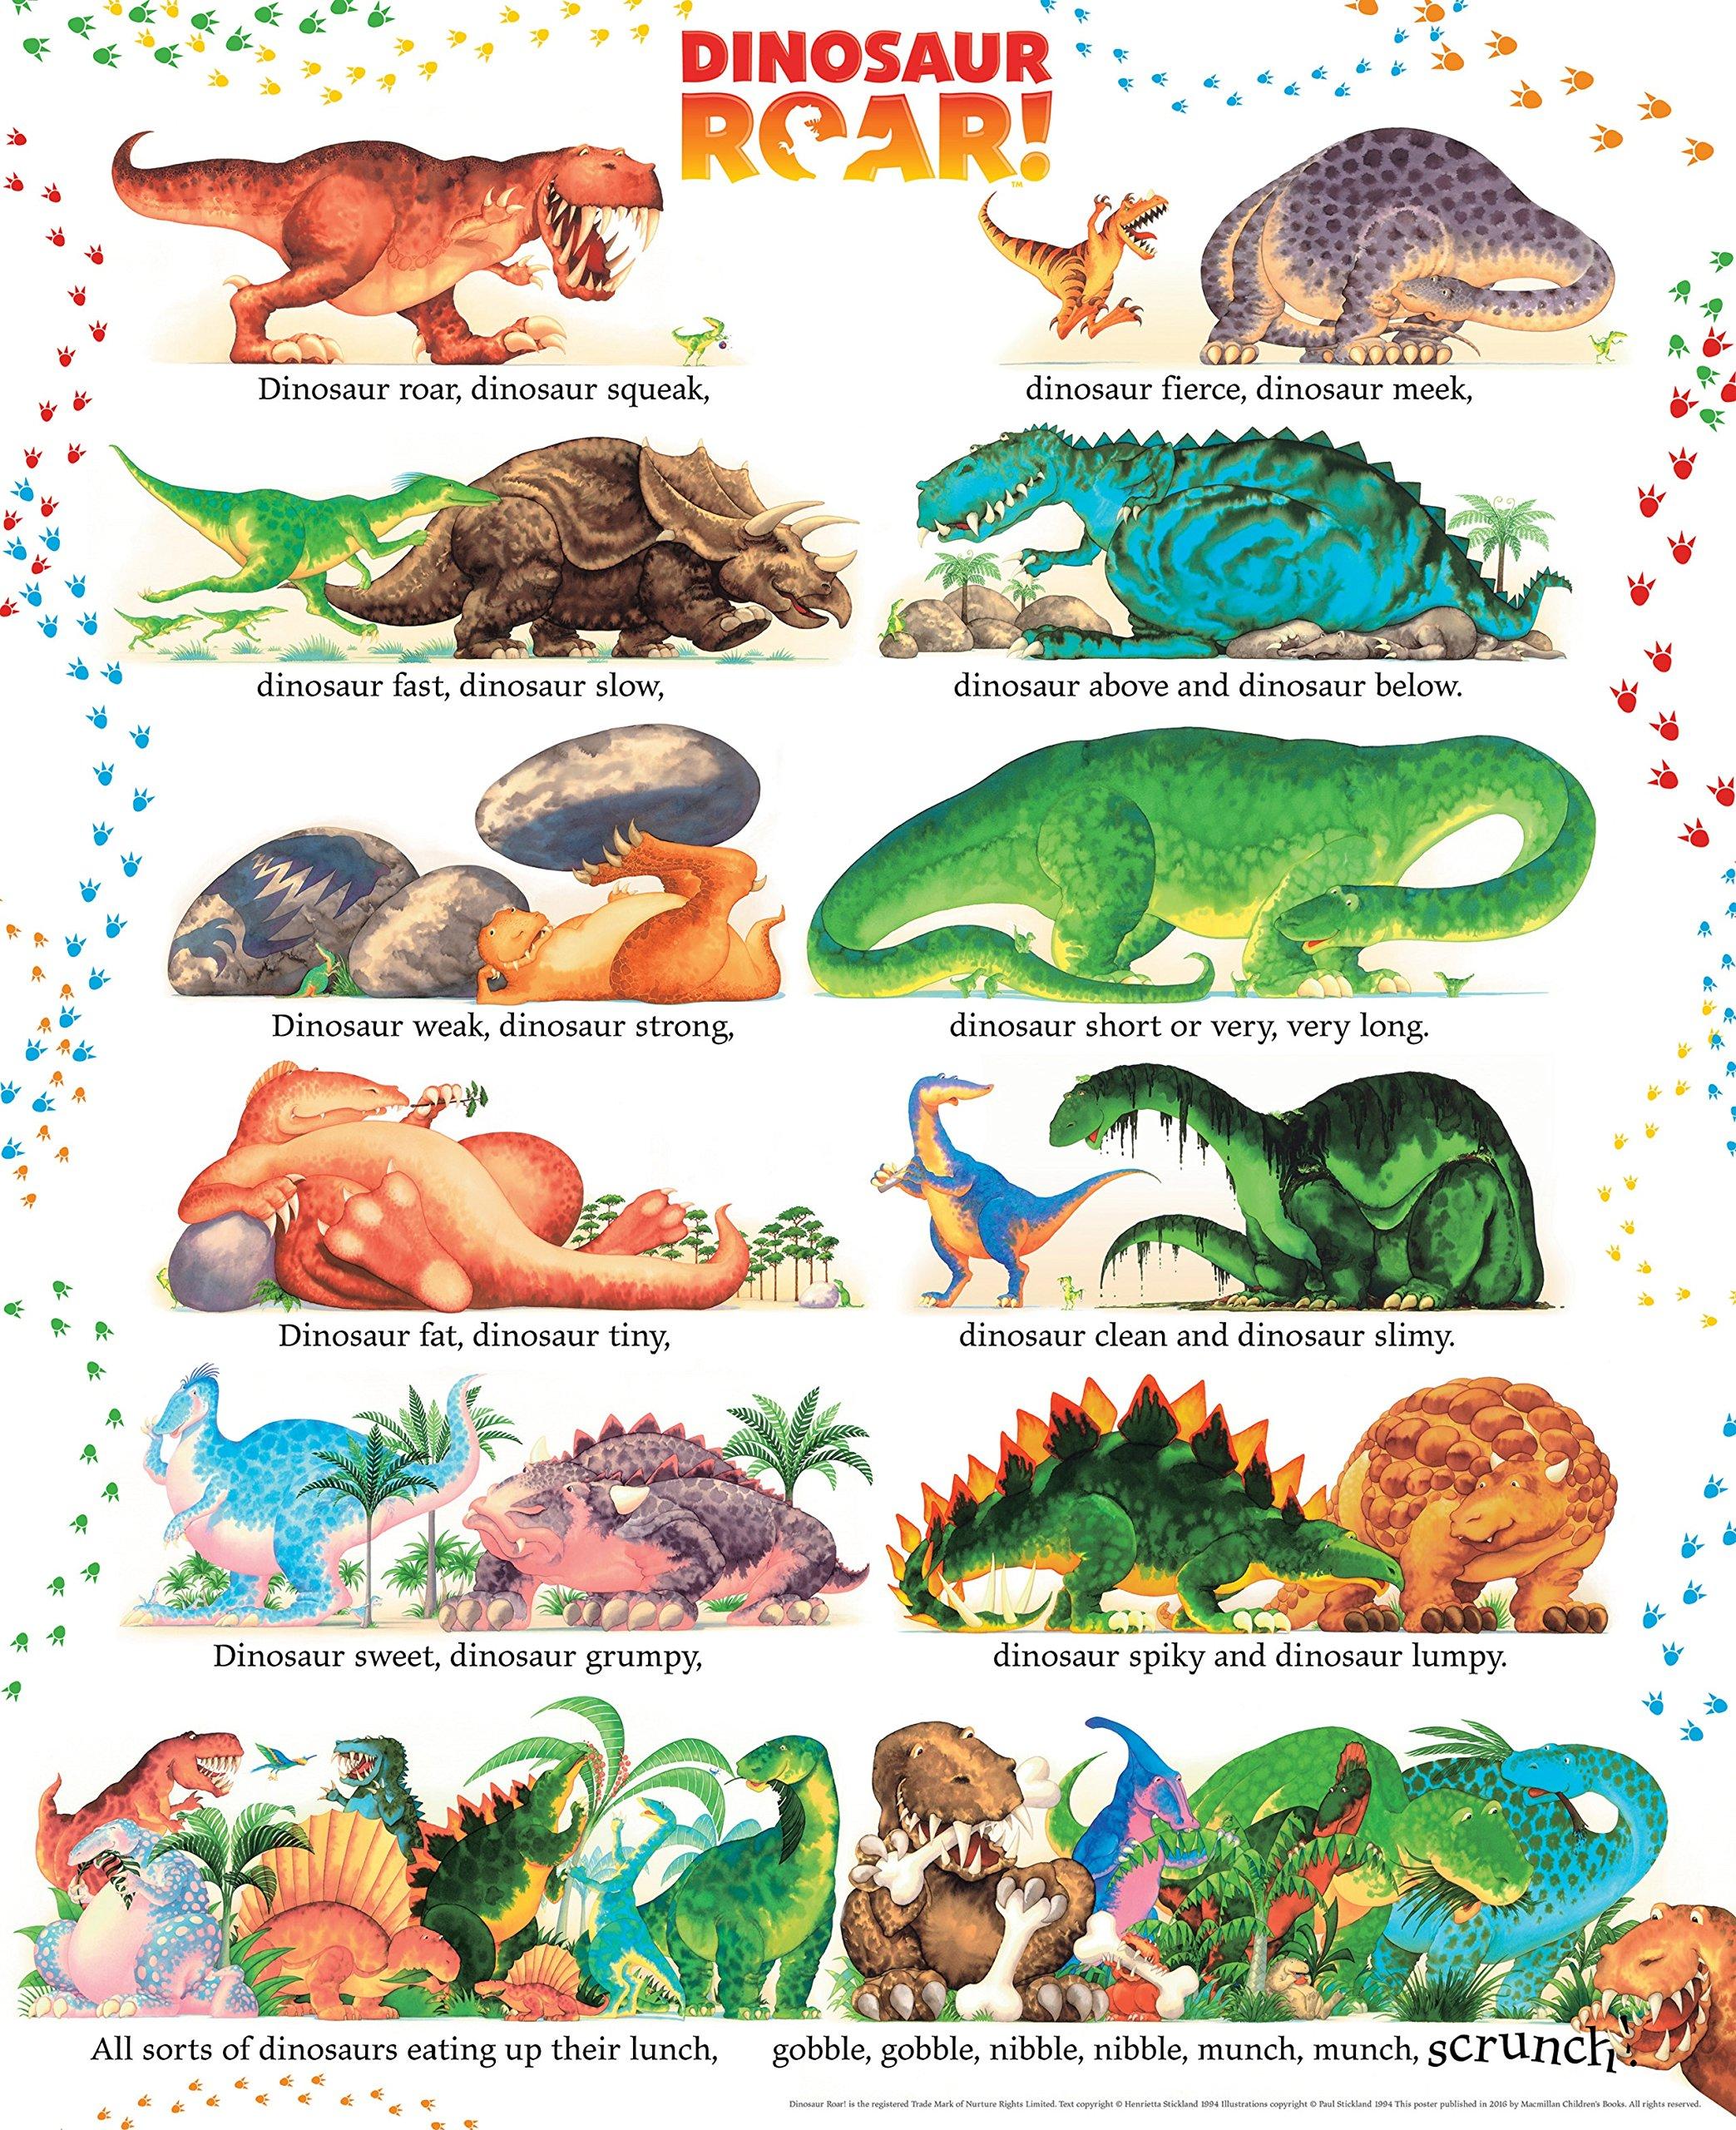 Amazon dinosaur roar henrietta stickland baby voltagebd Images